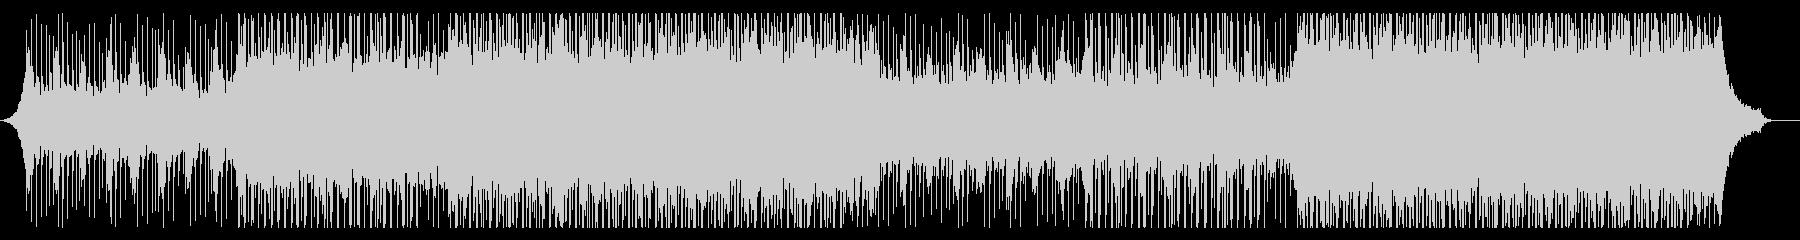 Creative's unreproduced waveform